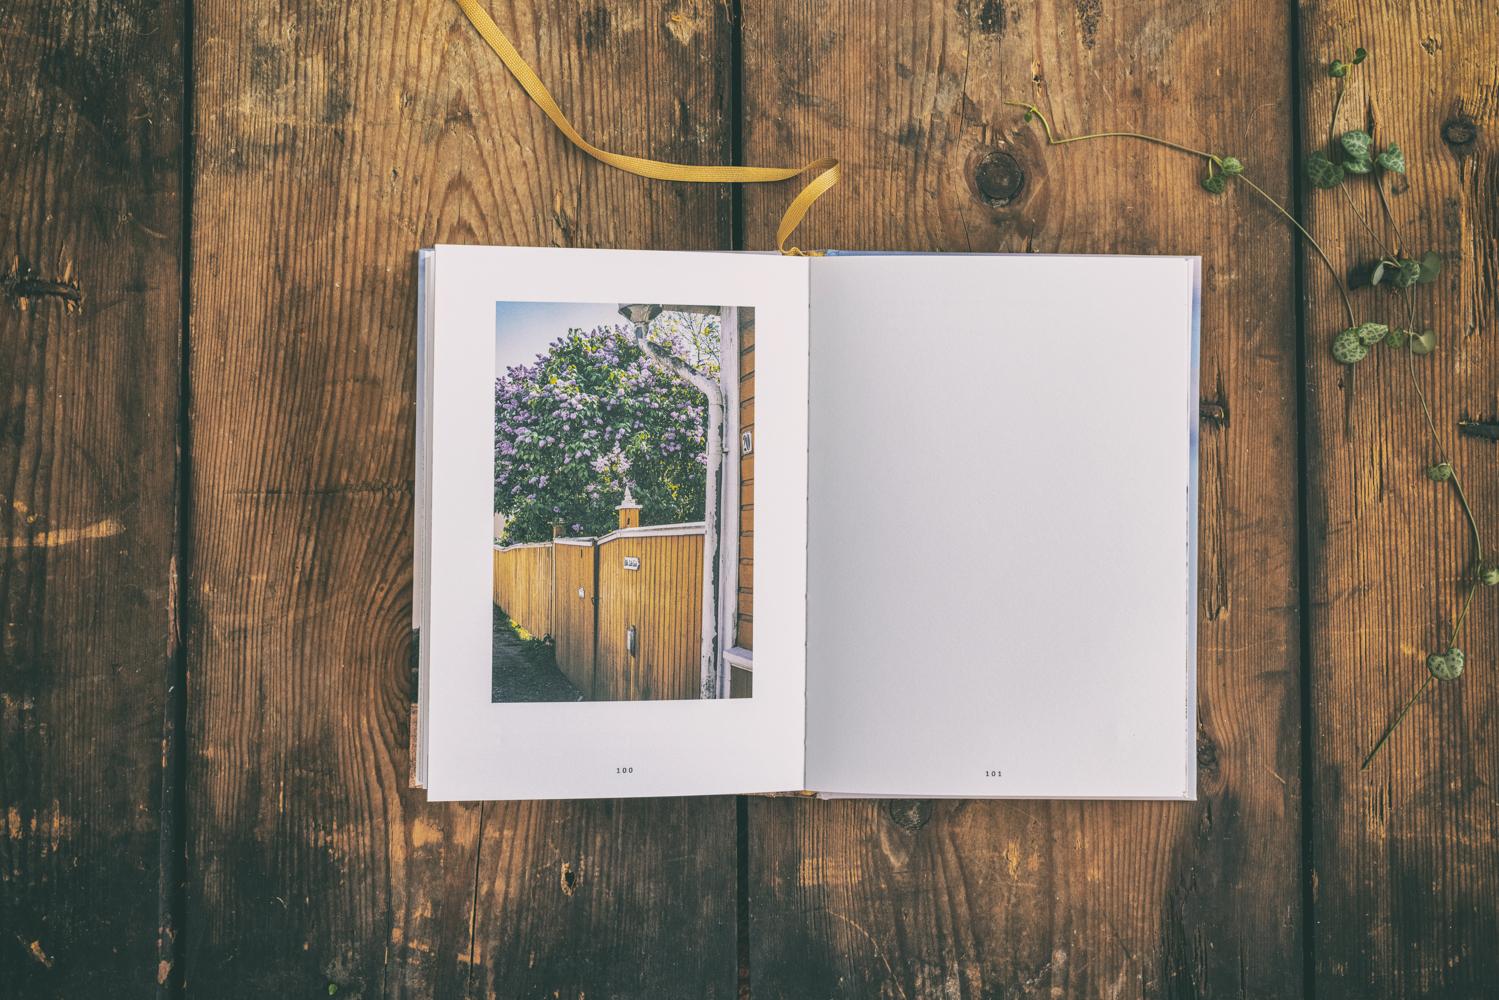 Notes, Muistikirja, Notebook, Visualaddict, visuaalinen muistikirja, mietelauseita, kuvia, valokuvia, Visualaddictshop, valokuvaaja, Frida Steiner, Visualaddictfrida, kotimainen, avainlipputuote